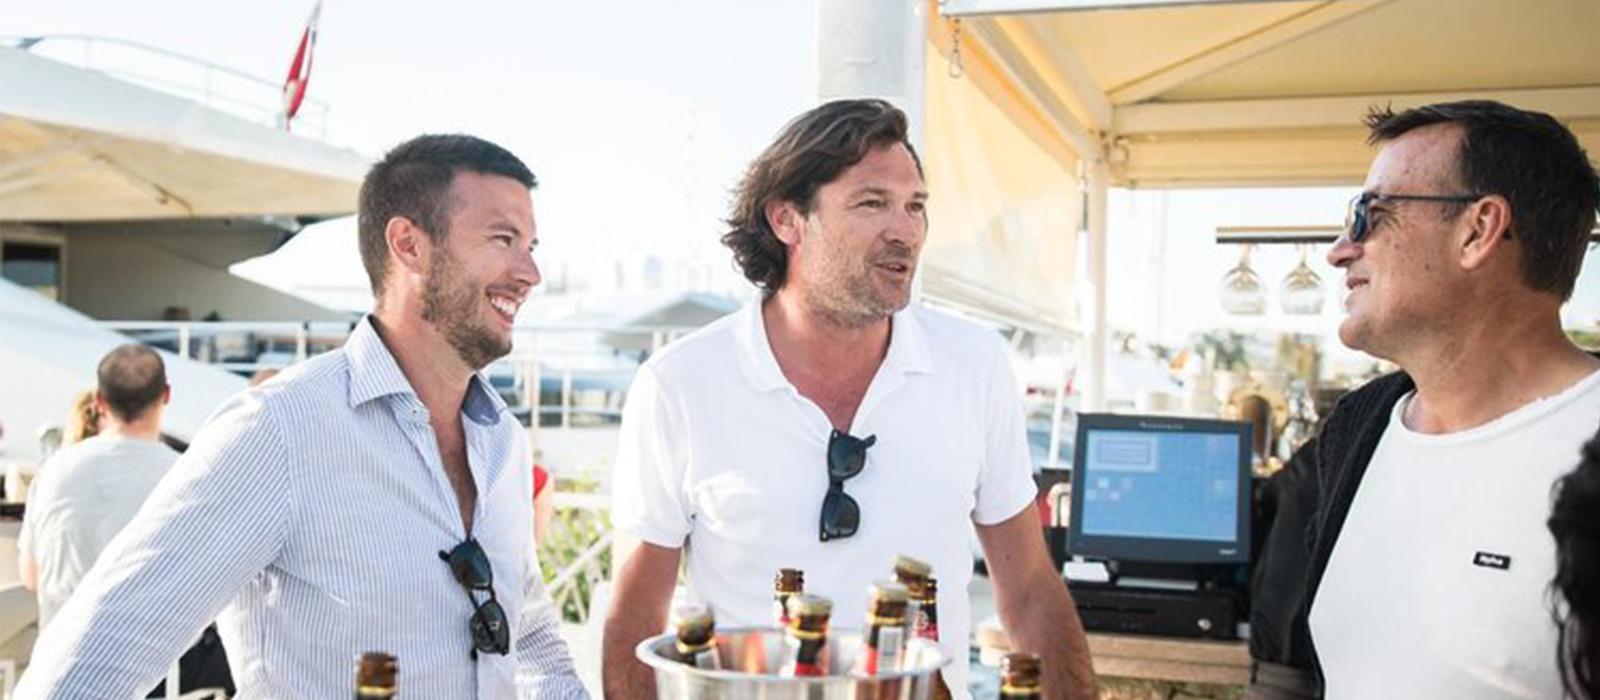 Saxon-Team-in-La-Calma-Ibiza-Private-Clients-Wealth-Brokerage.jpg